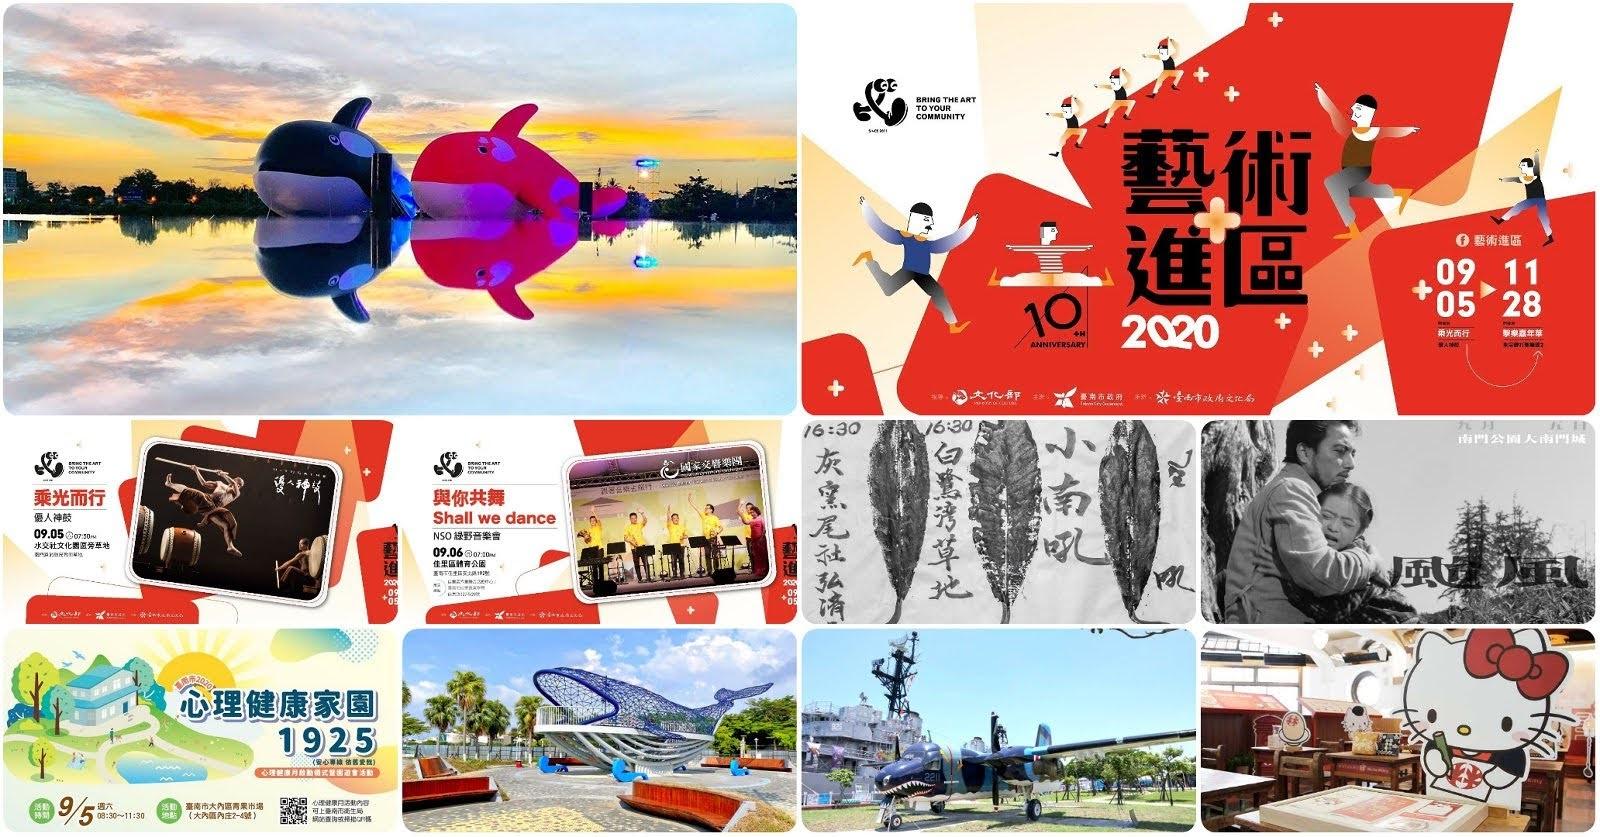 [活動] 2020/9/4-/9/6|台南週末活動整理|本週末活動數:80